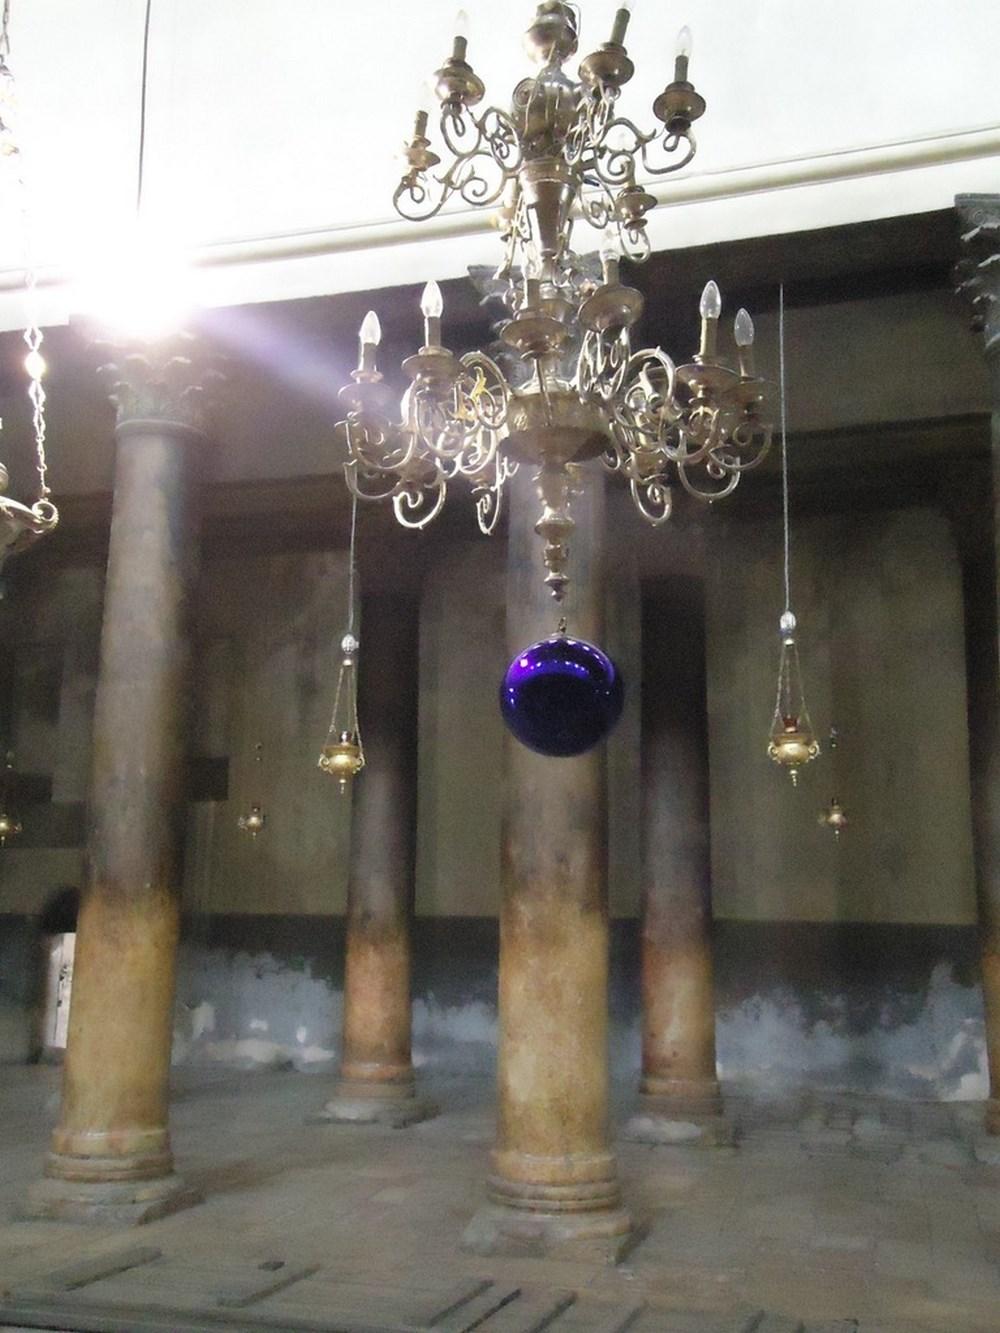 Греческие светильники украшены снизу шарами, чтобы крысы не могли залезать и лакомиться маслом